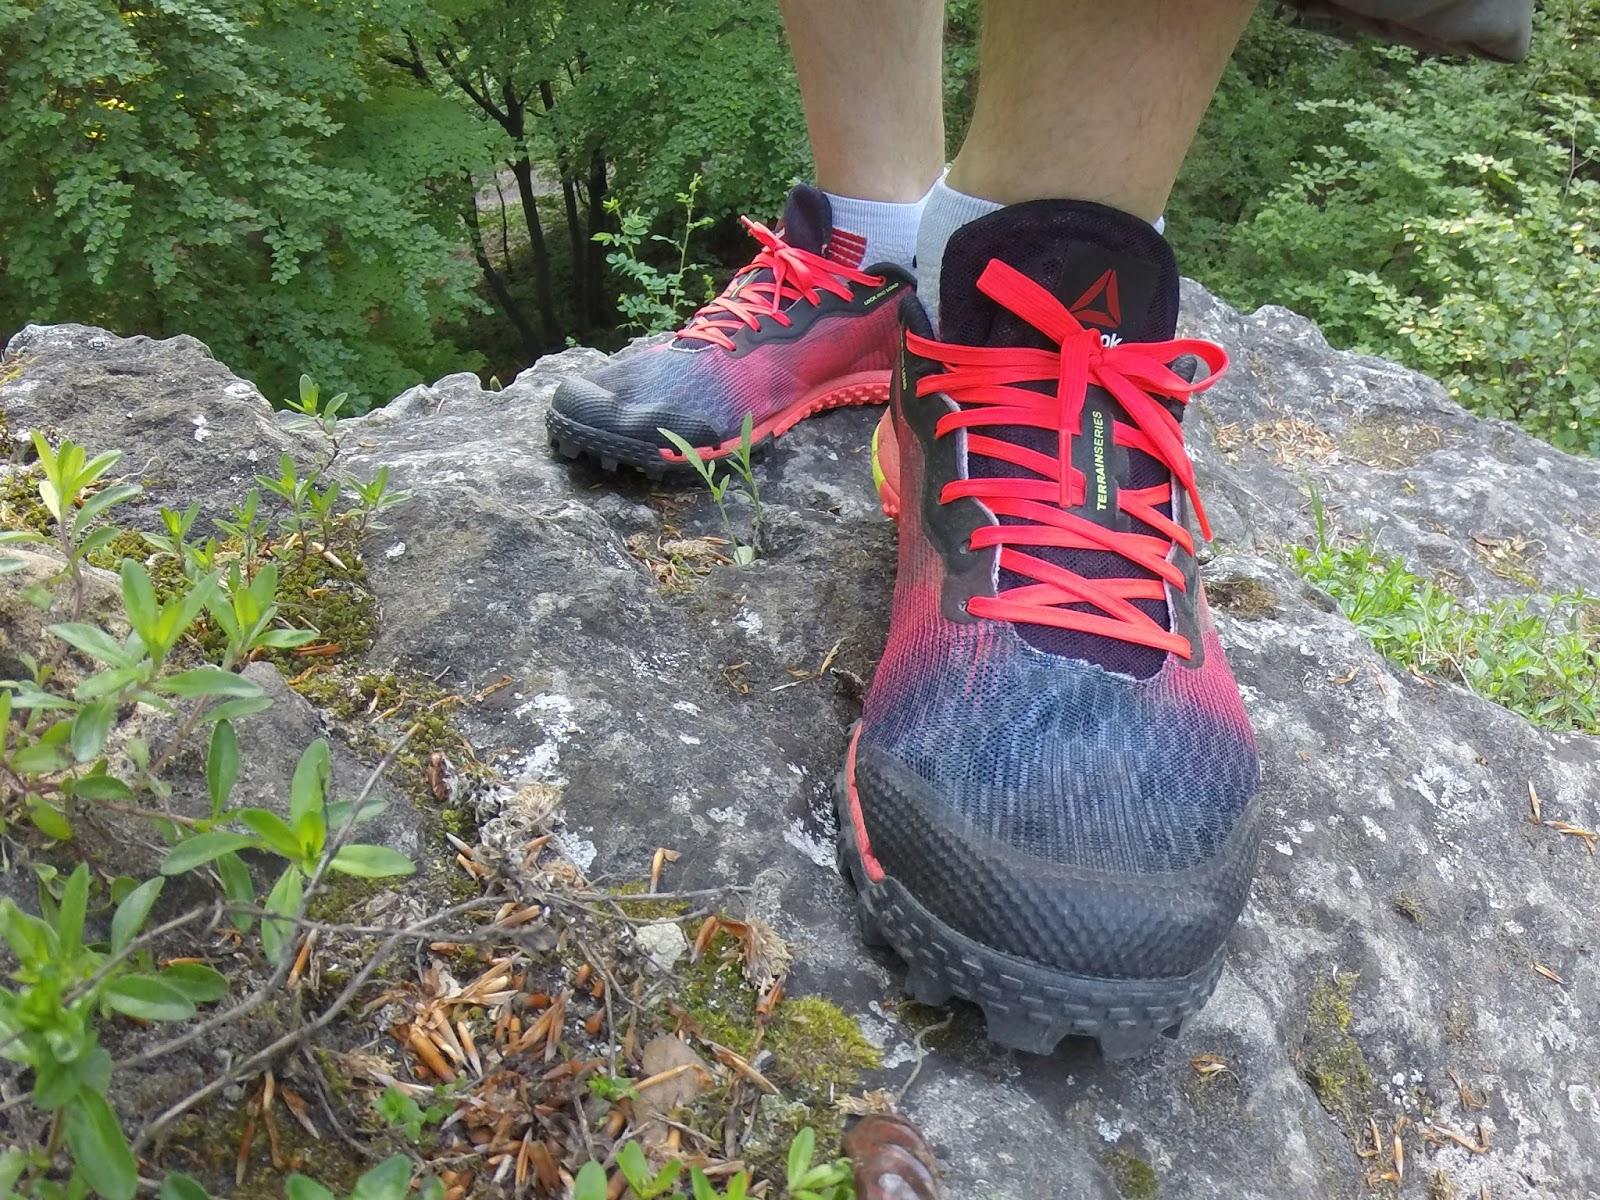 3ce7fdd435e8db Моє туристичне взуття пройшло еволюцію, і при виборі кросівок на сезон  пізня весна-літо - рання осінь, визначив для себе наступні критерії: